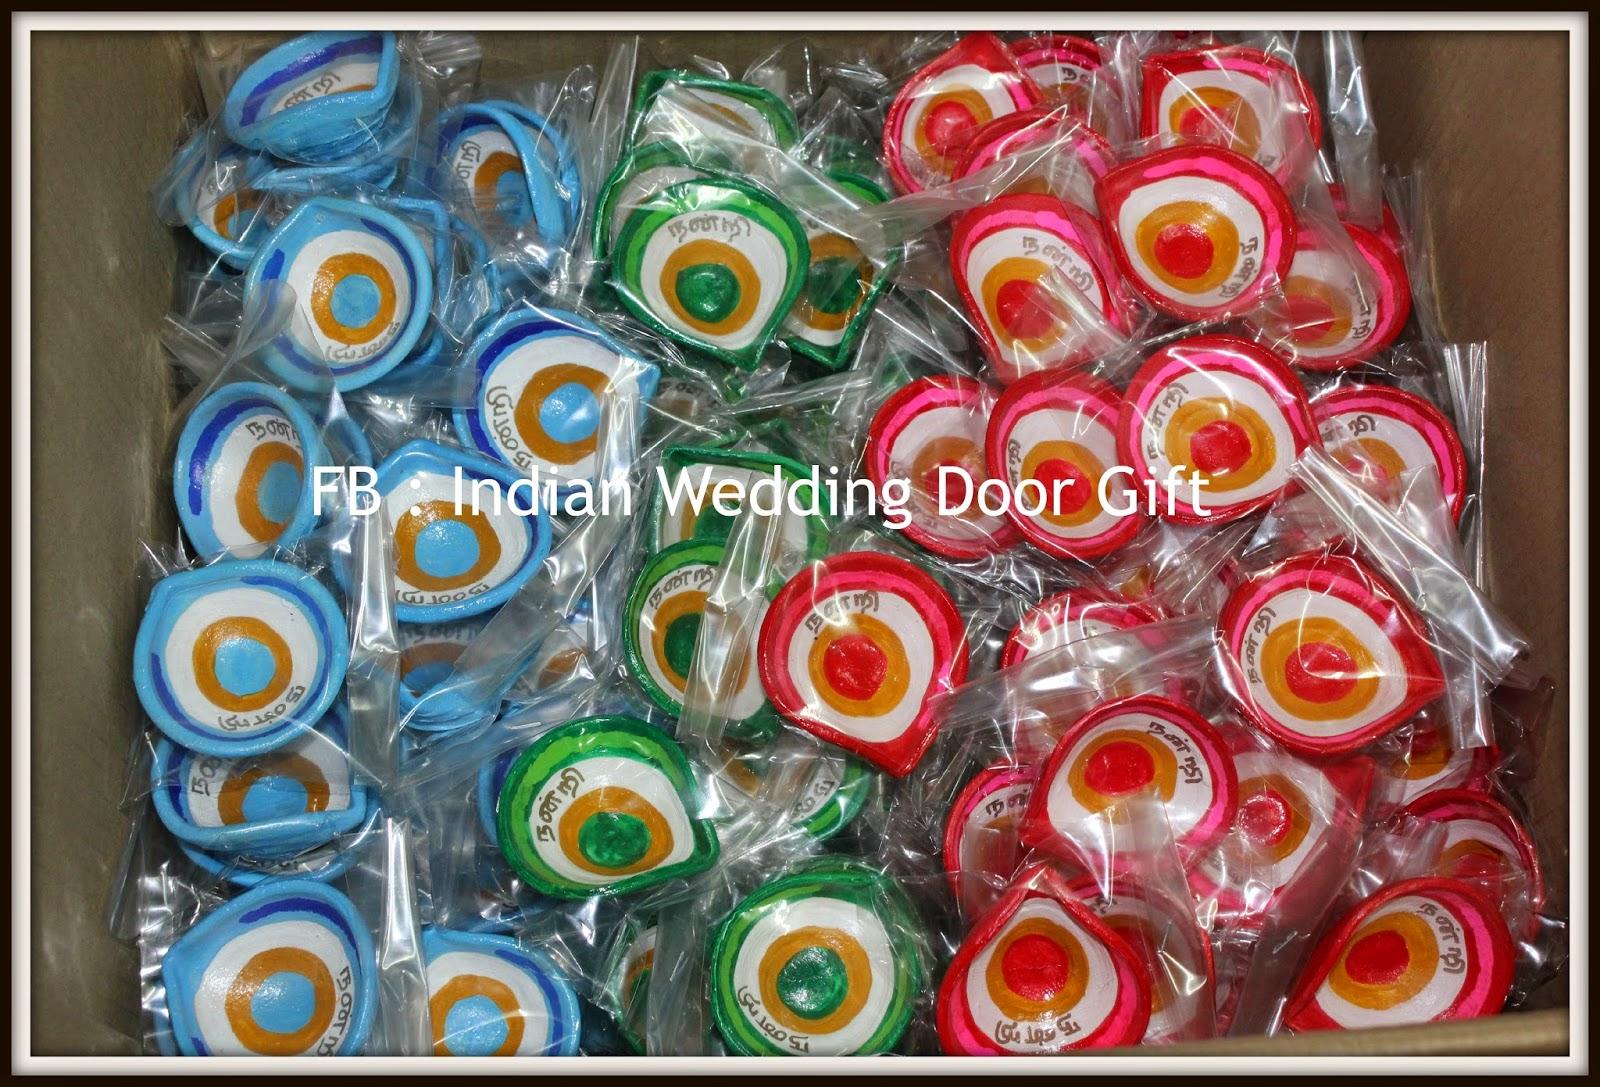 Wedding Door Gift: Indian Wedding Door Gift: More Wedding Door Gift Favours